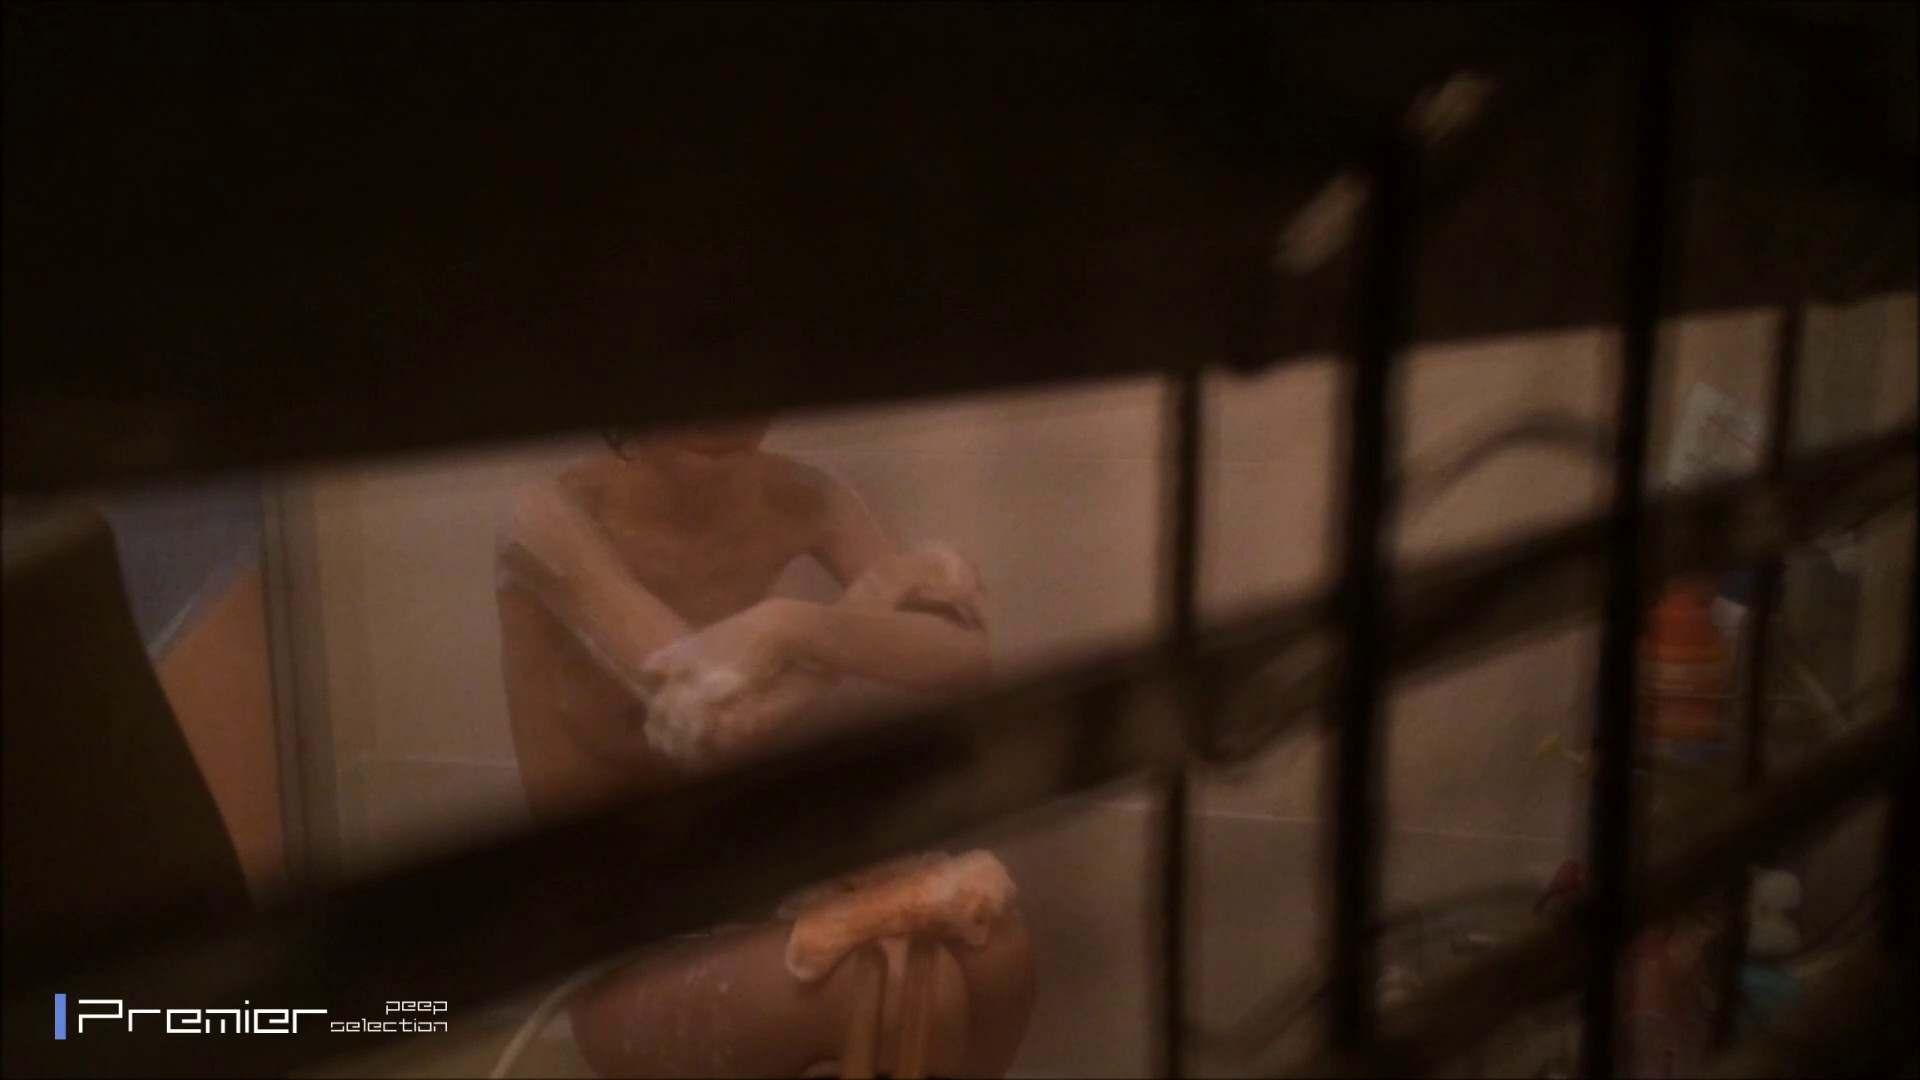 高画質フルハイビジョン スレンダー美女の入浴 乙女の風呂場 Vol.04 桃色乳首 | 美女H映像  84画像 52